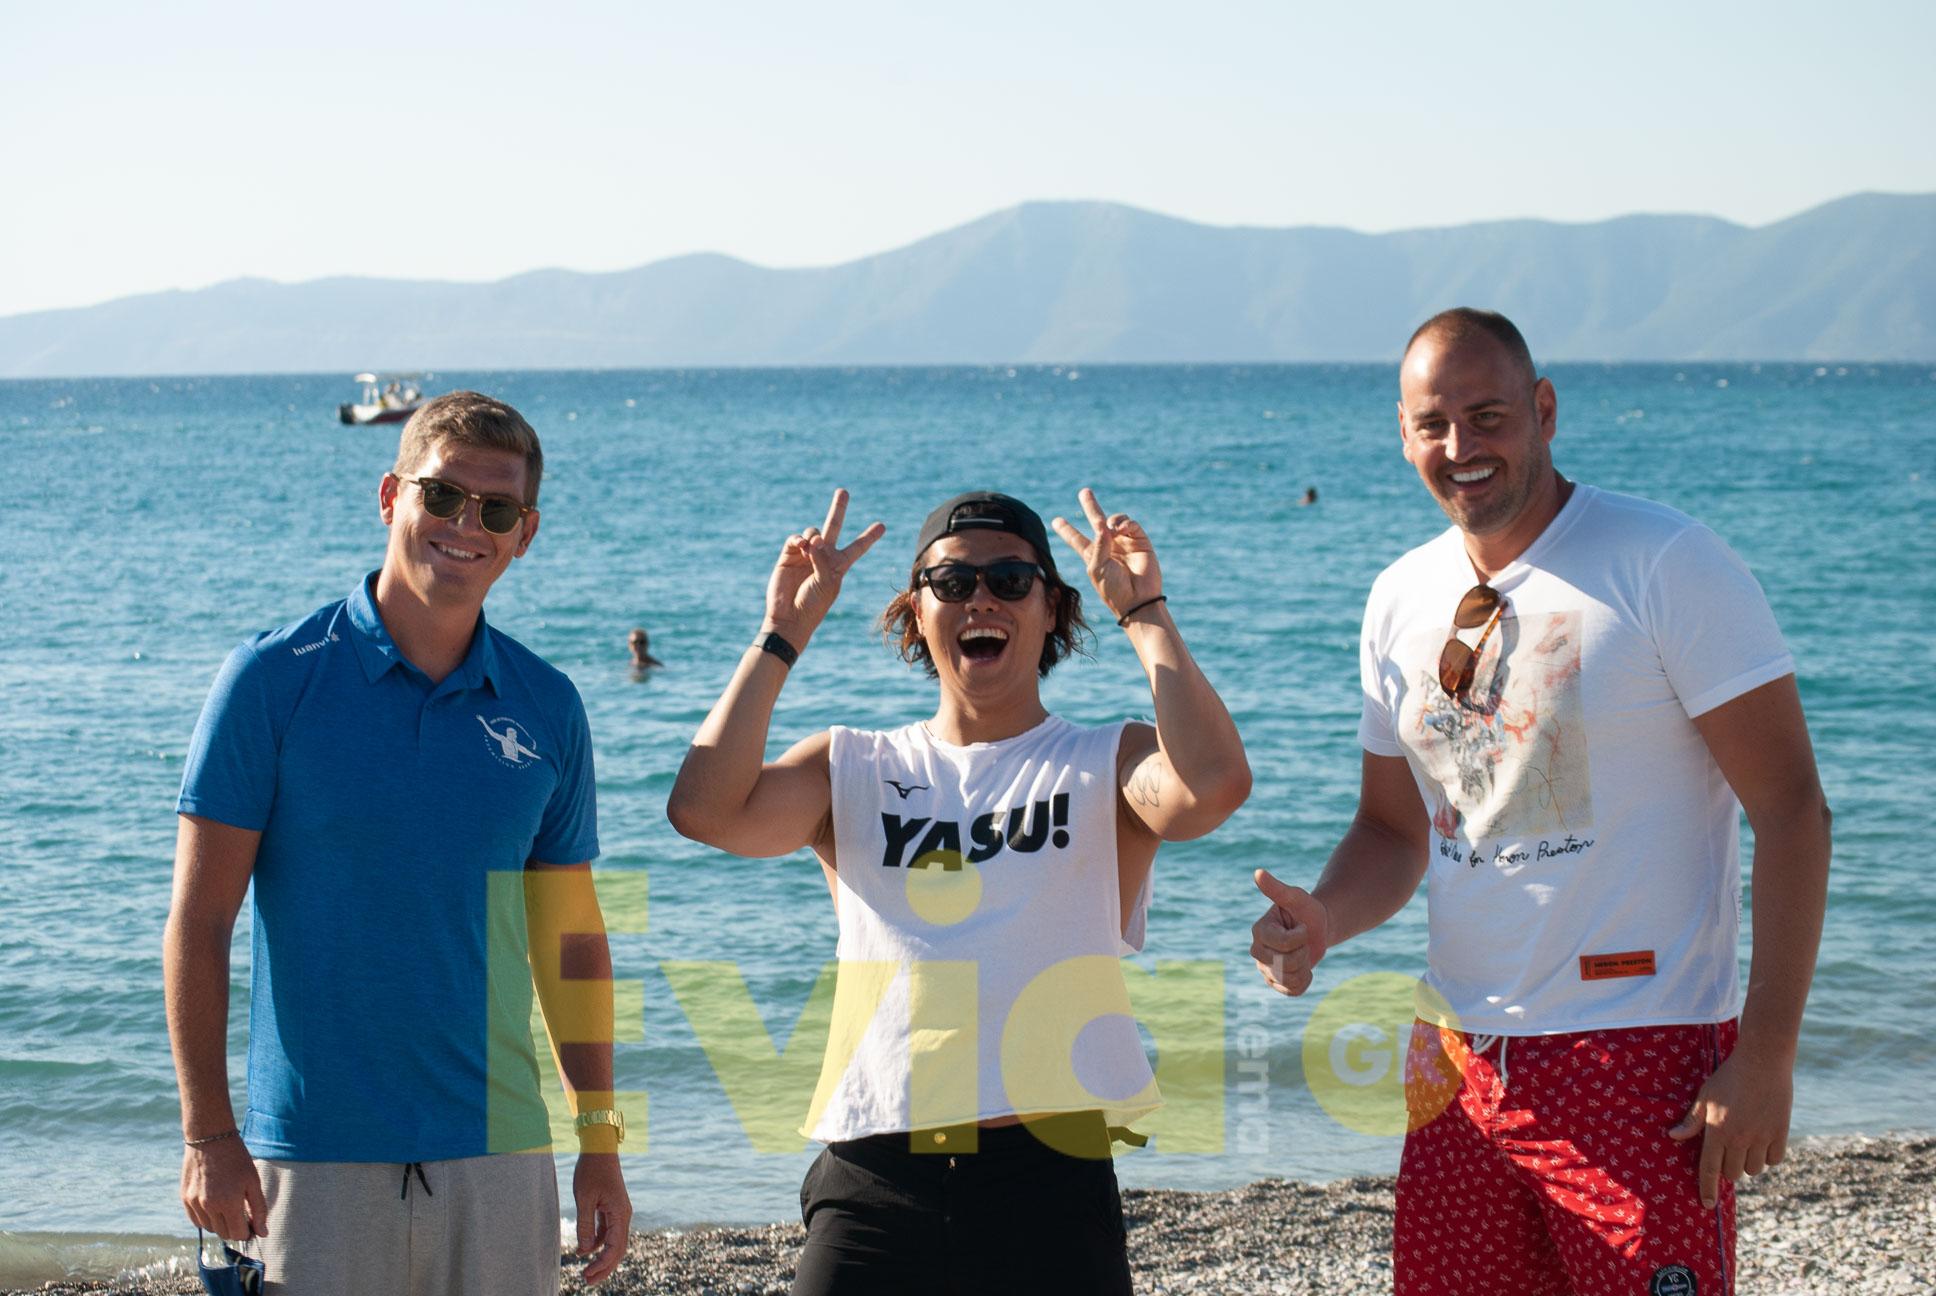 Μαραθώνιος Κολύμβησης Πευκί - Σπύρος Γιαννιώτης, Yasu, Petar